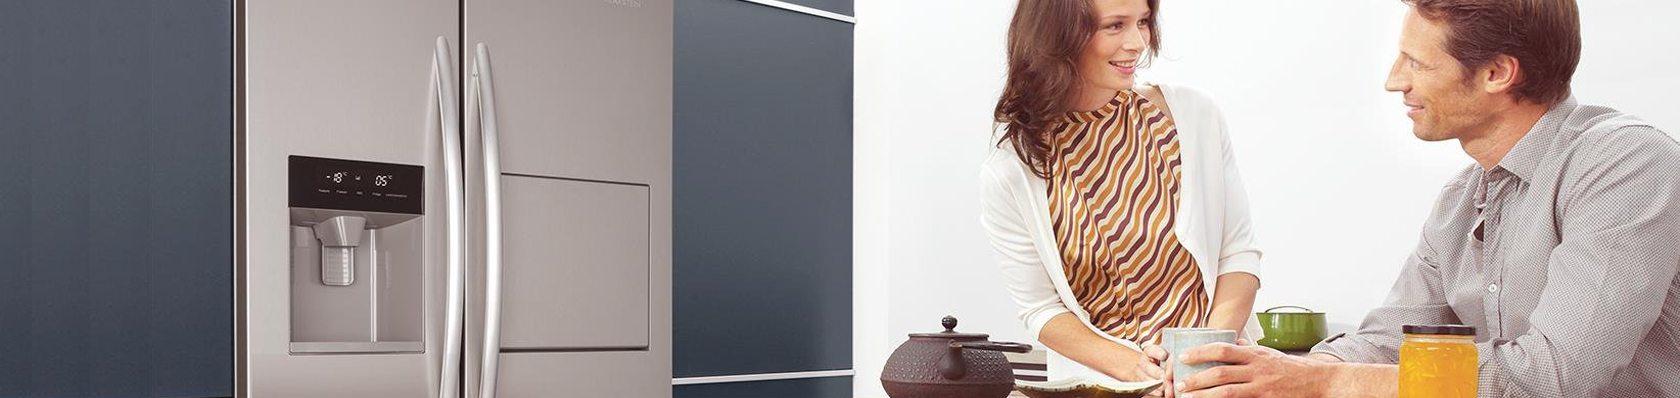 French Door Kühlschränke im Test auf ExpertenTesten.de